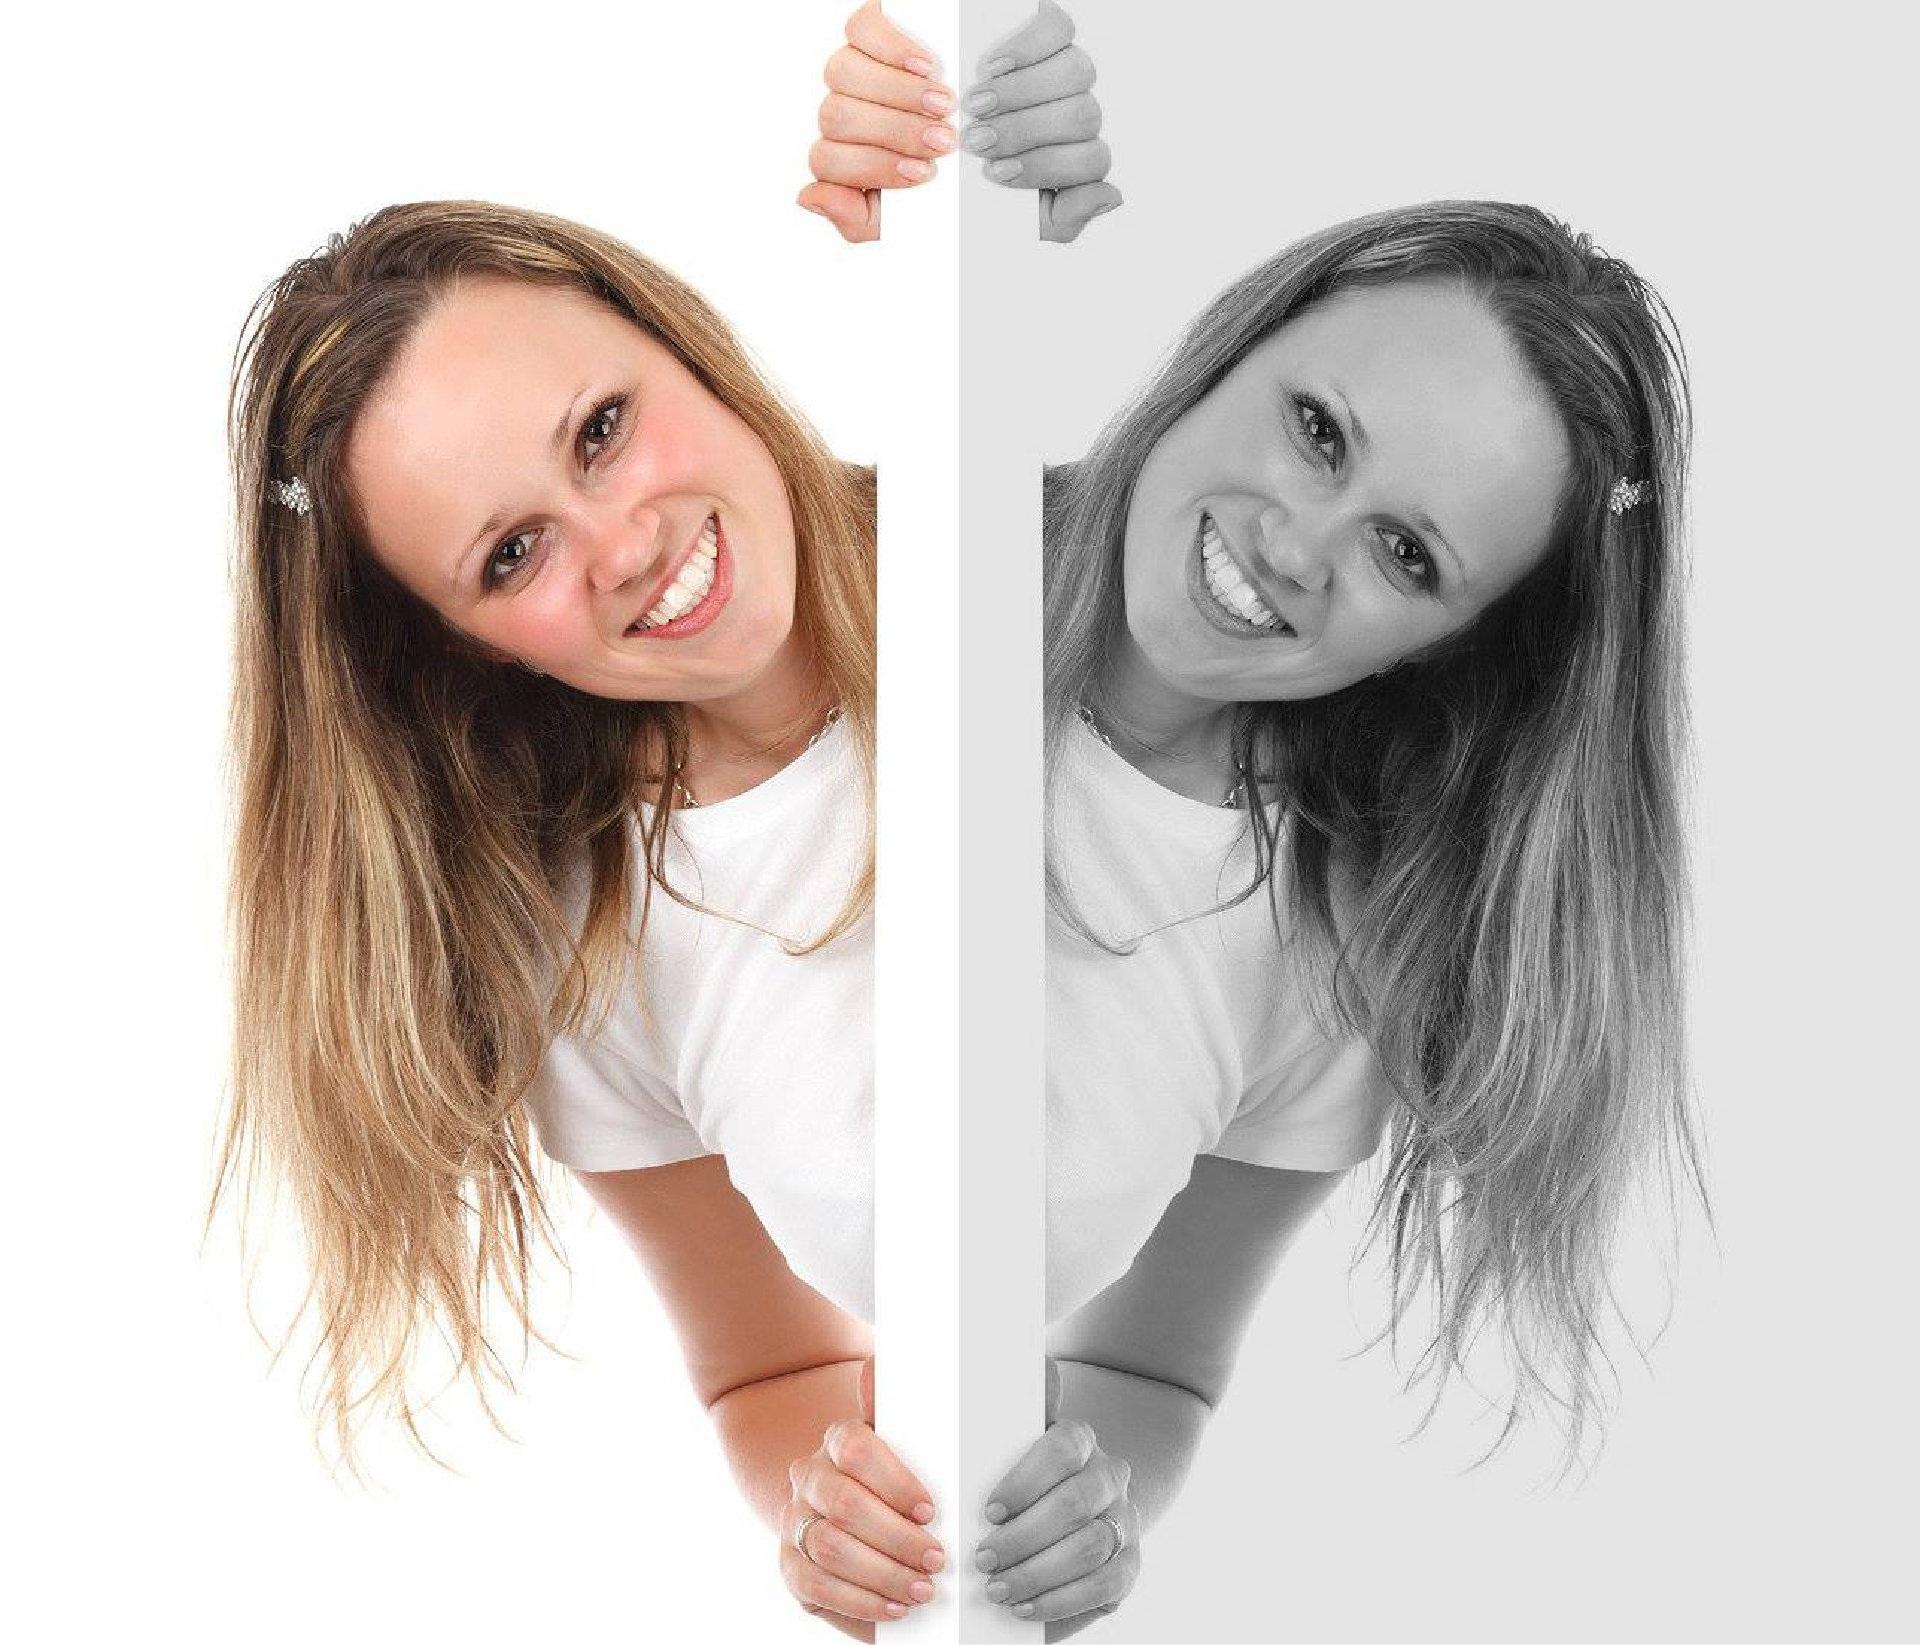 autenticitate oglinda sine - sfatulparintilor.ro - pixabay_com